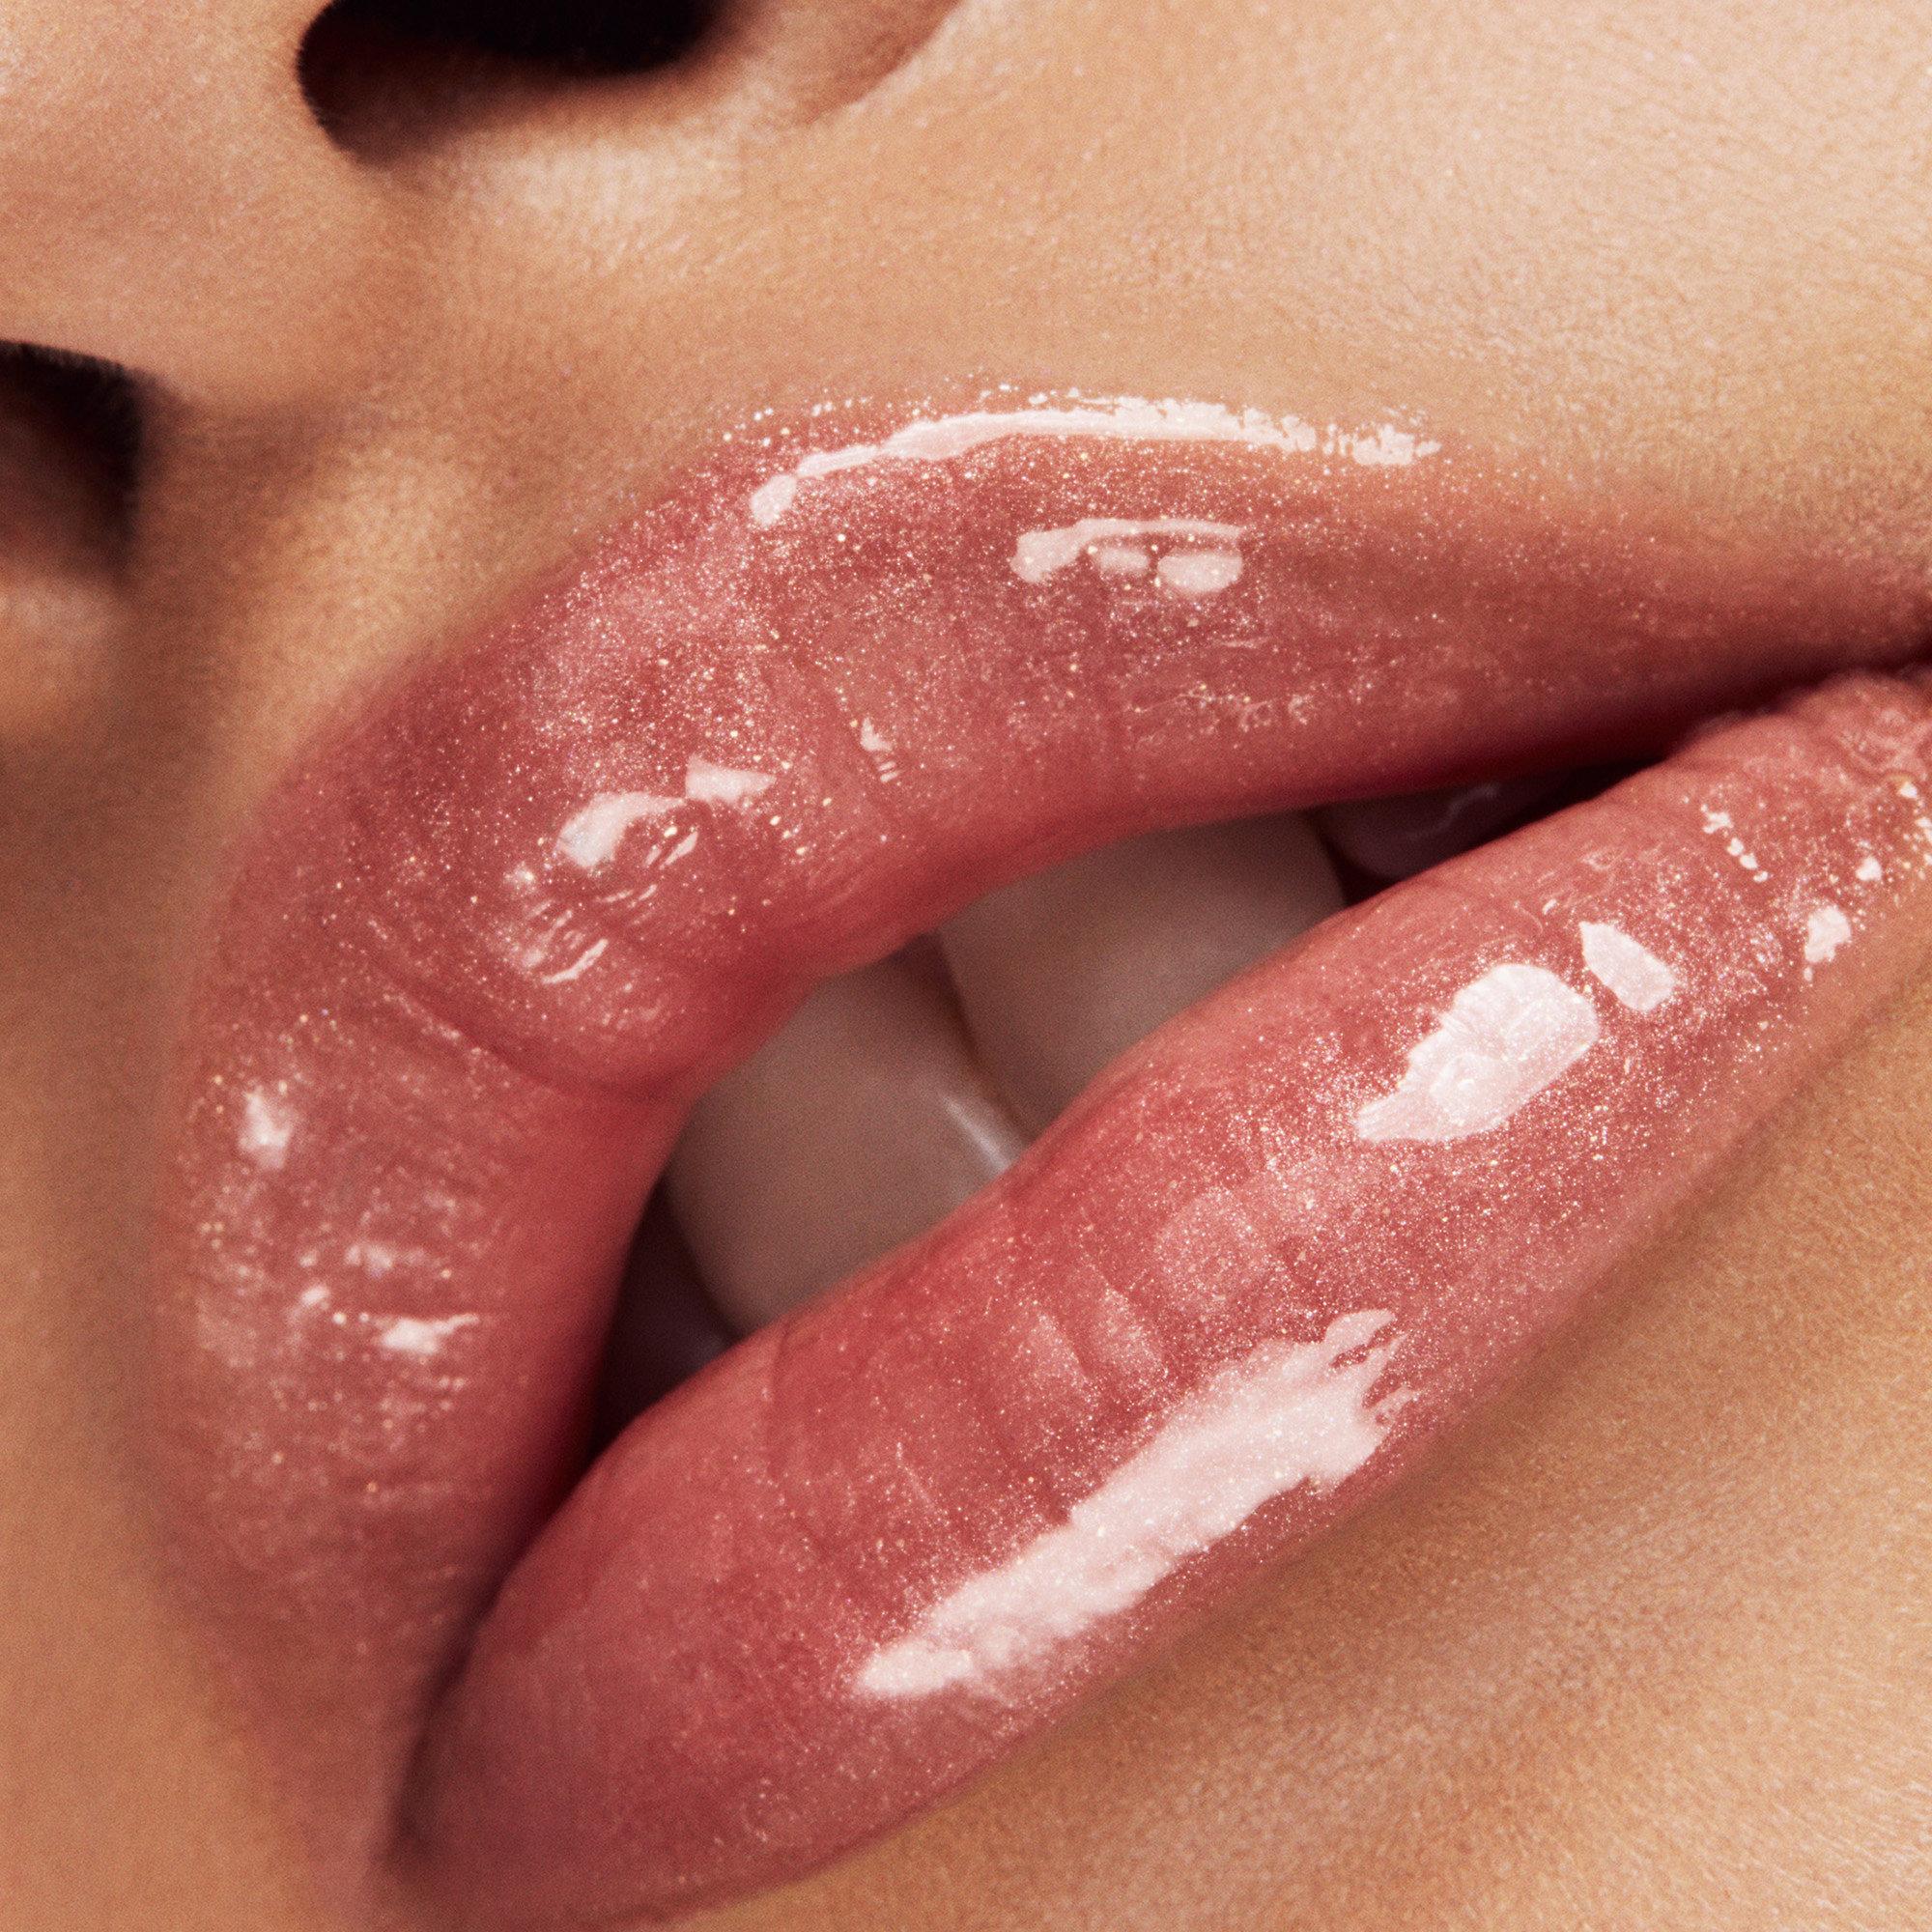 википедии есть красивые женские губы фото блестяшки такой